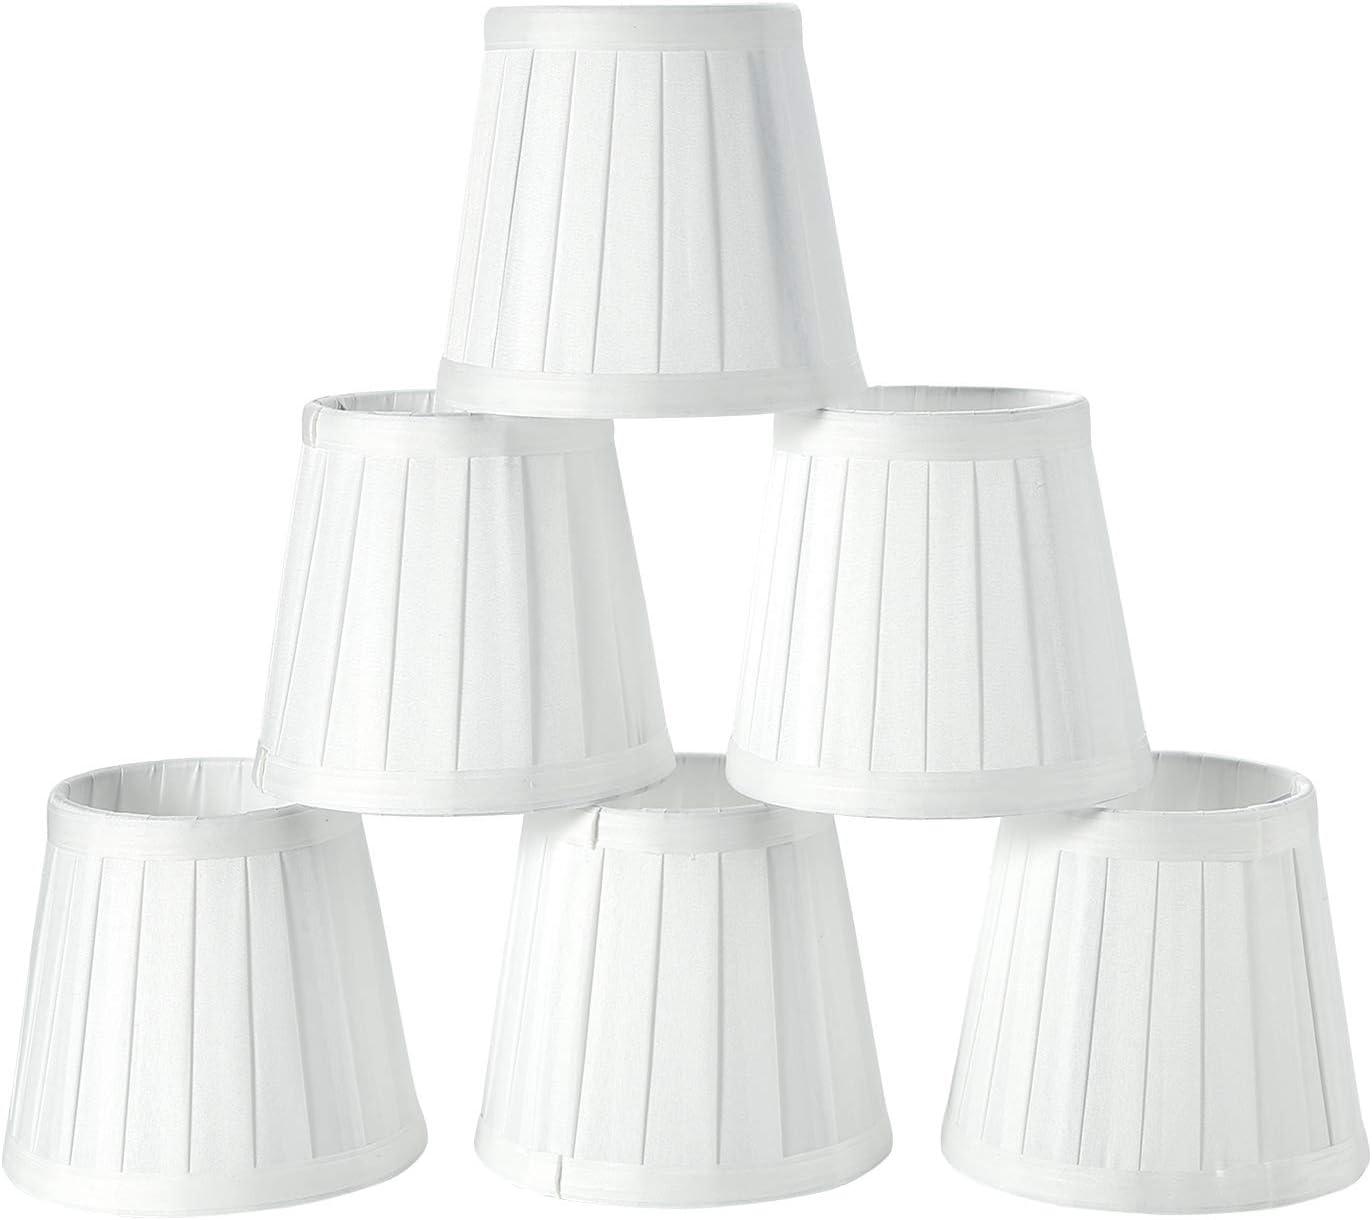 Fuloon Juego de 6 Pantallas para Lámparas Moderna para Lámpara de Araña de Cristal,Paralume Lámpara de Pared